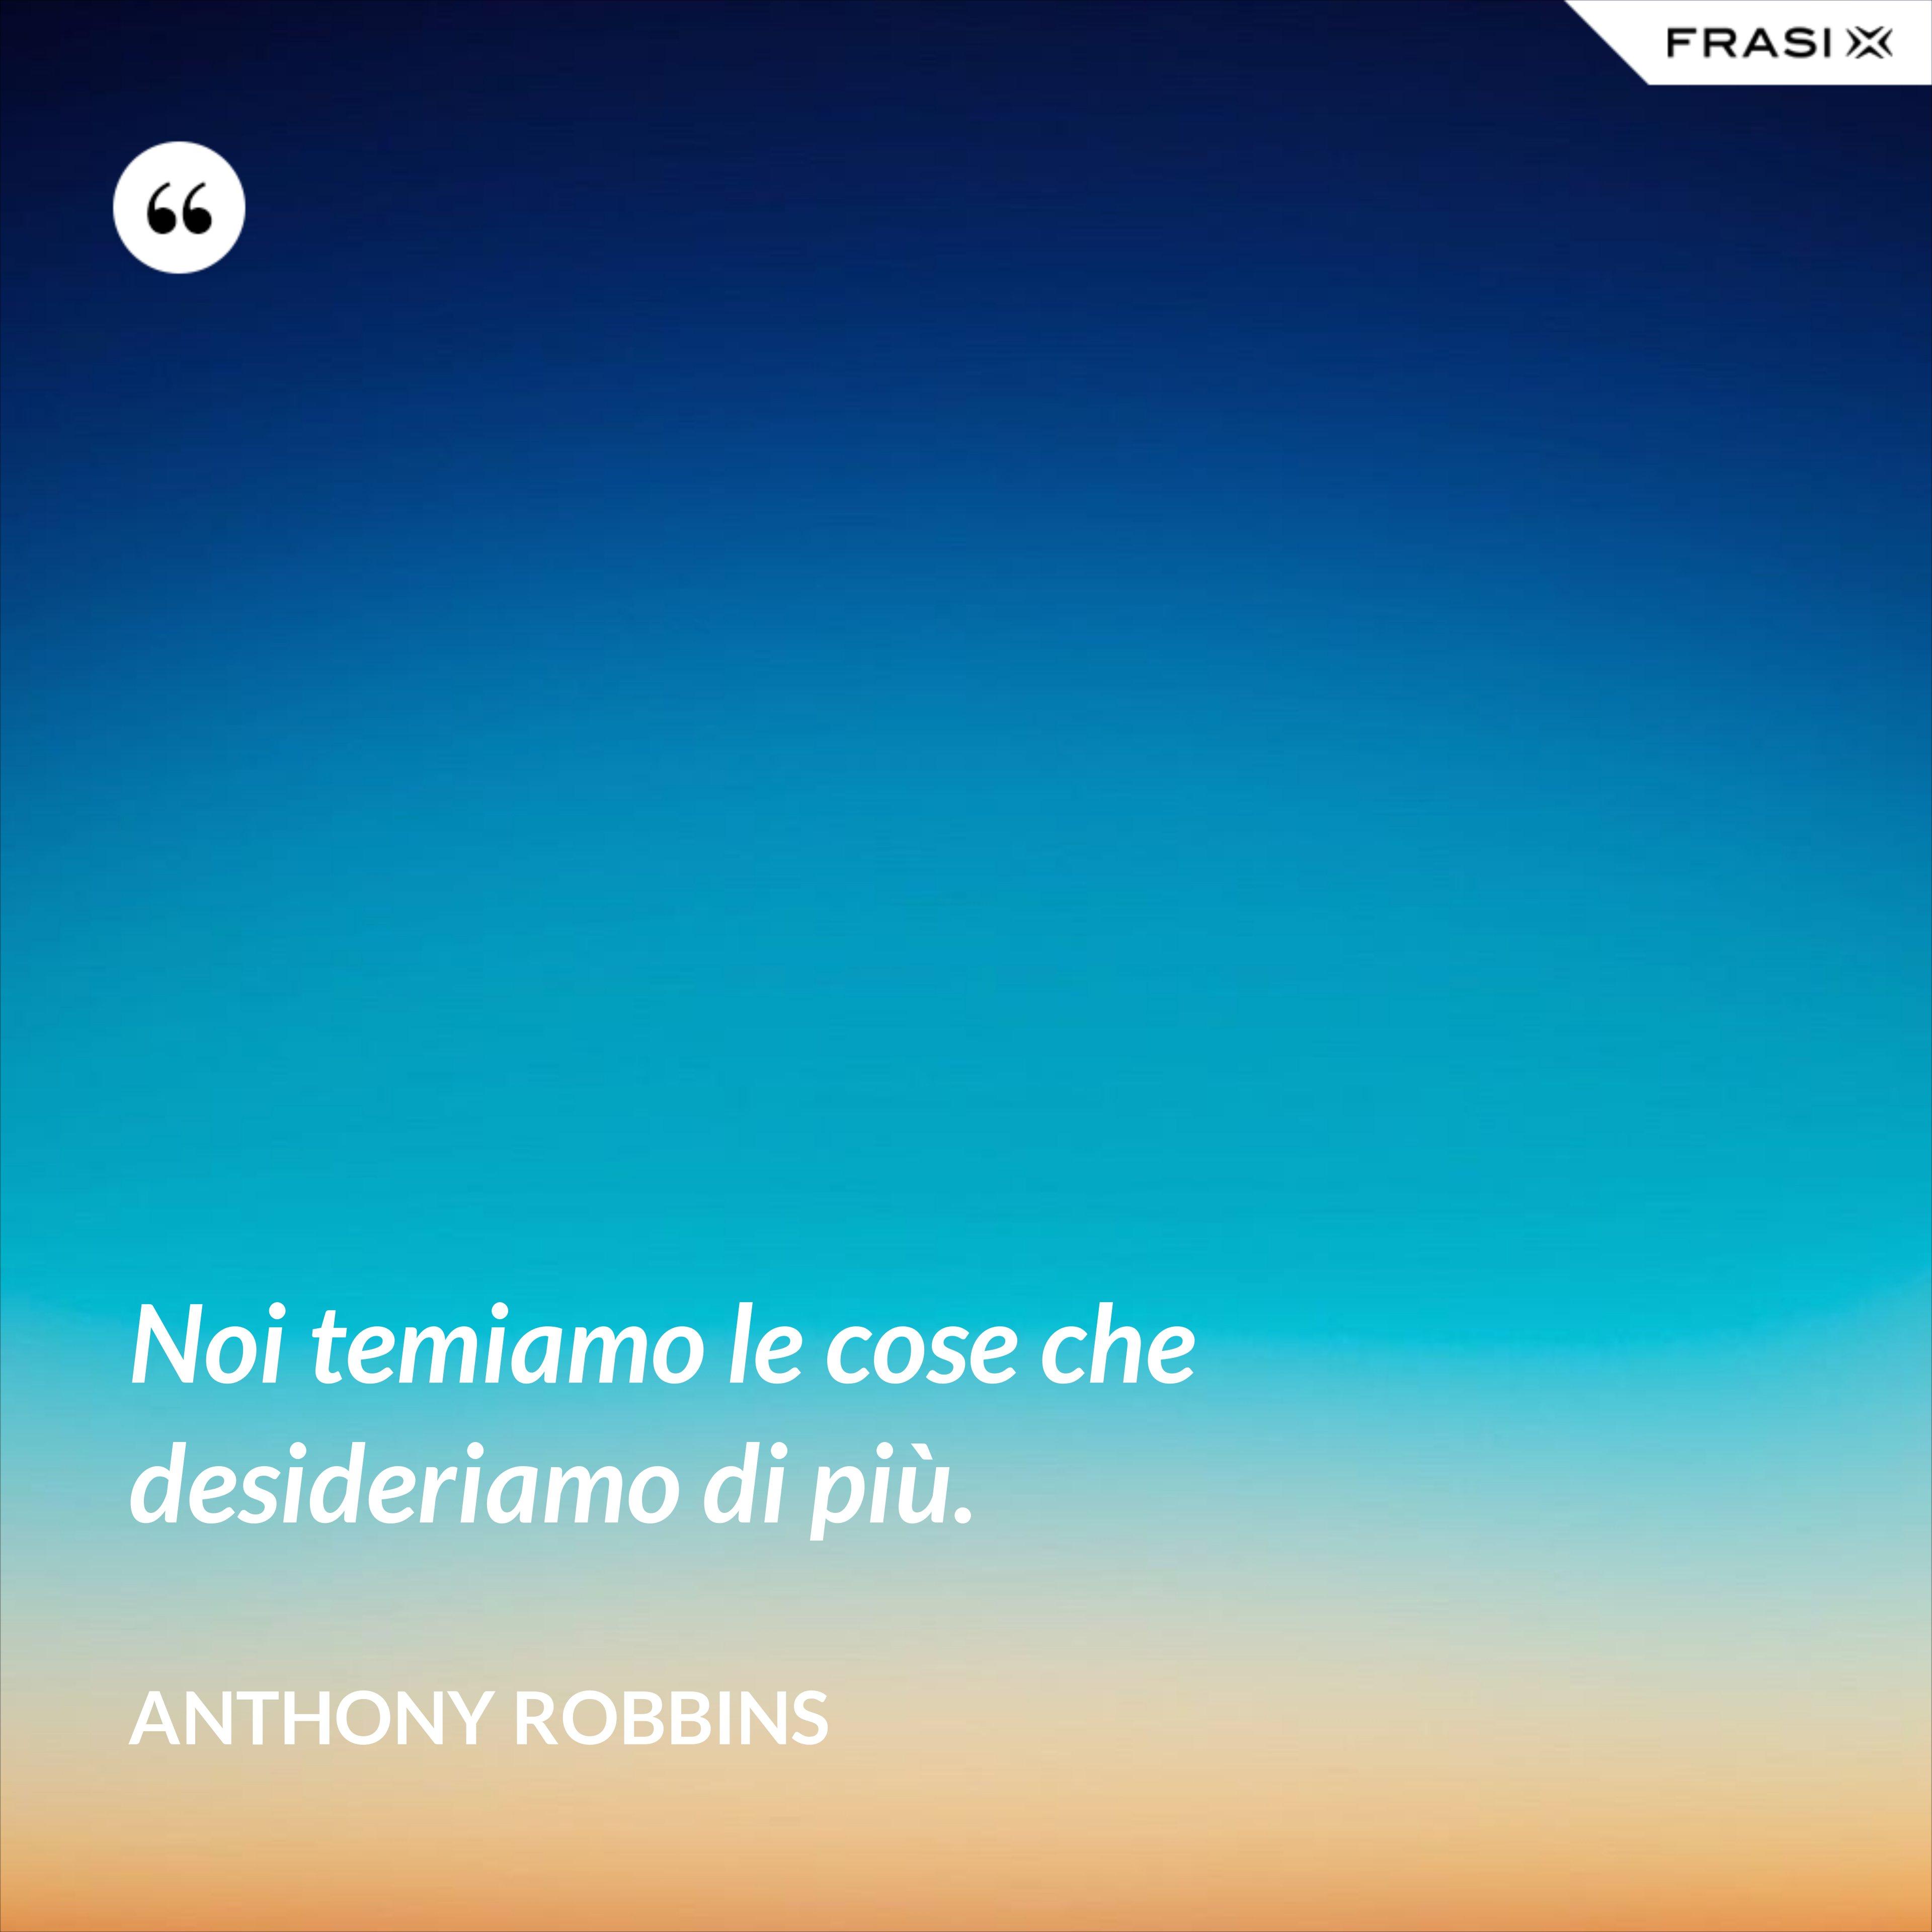 Noi temiamo le cose che desideriamo di più. - Anthony Robbins